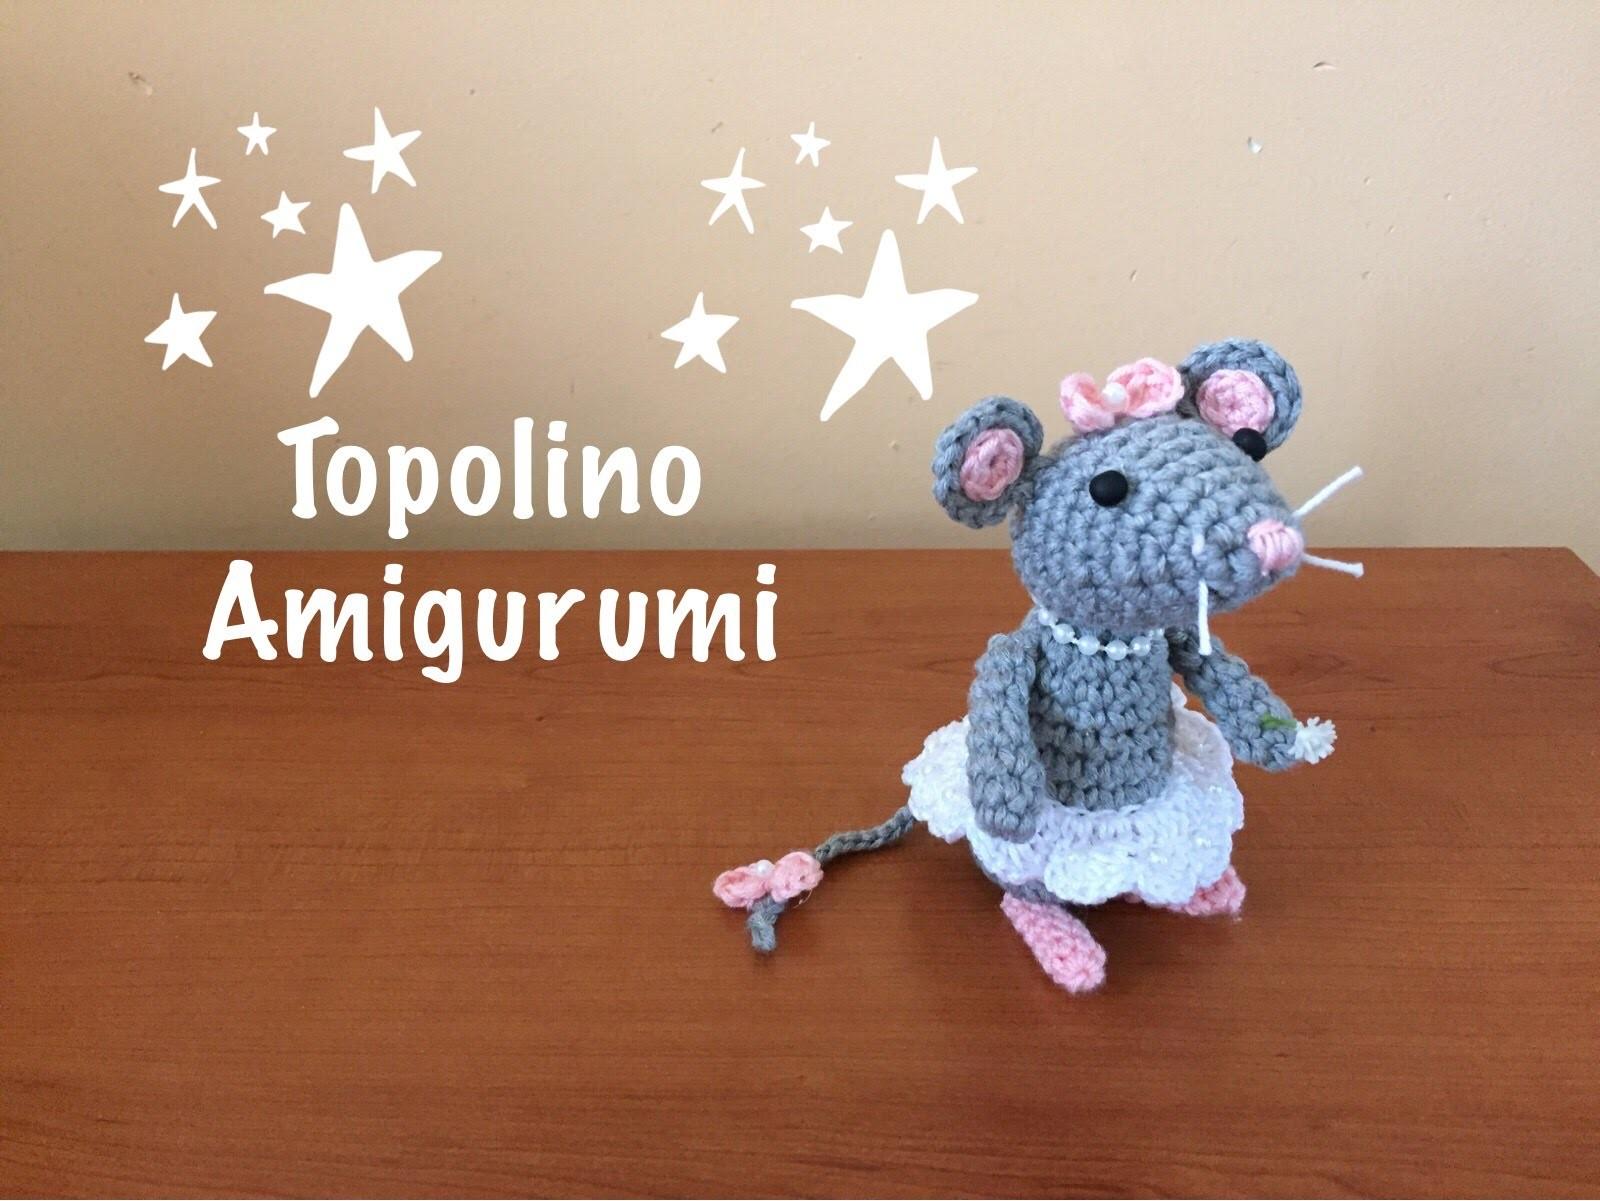 Topolino Amigurumi (tutorial), My Crafts and DIY Projects